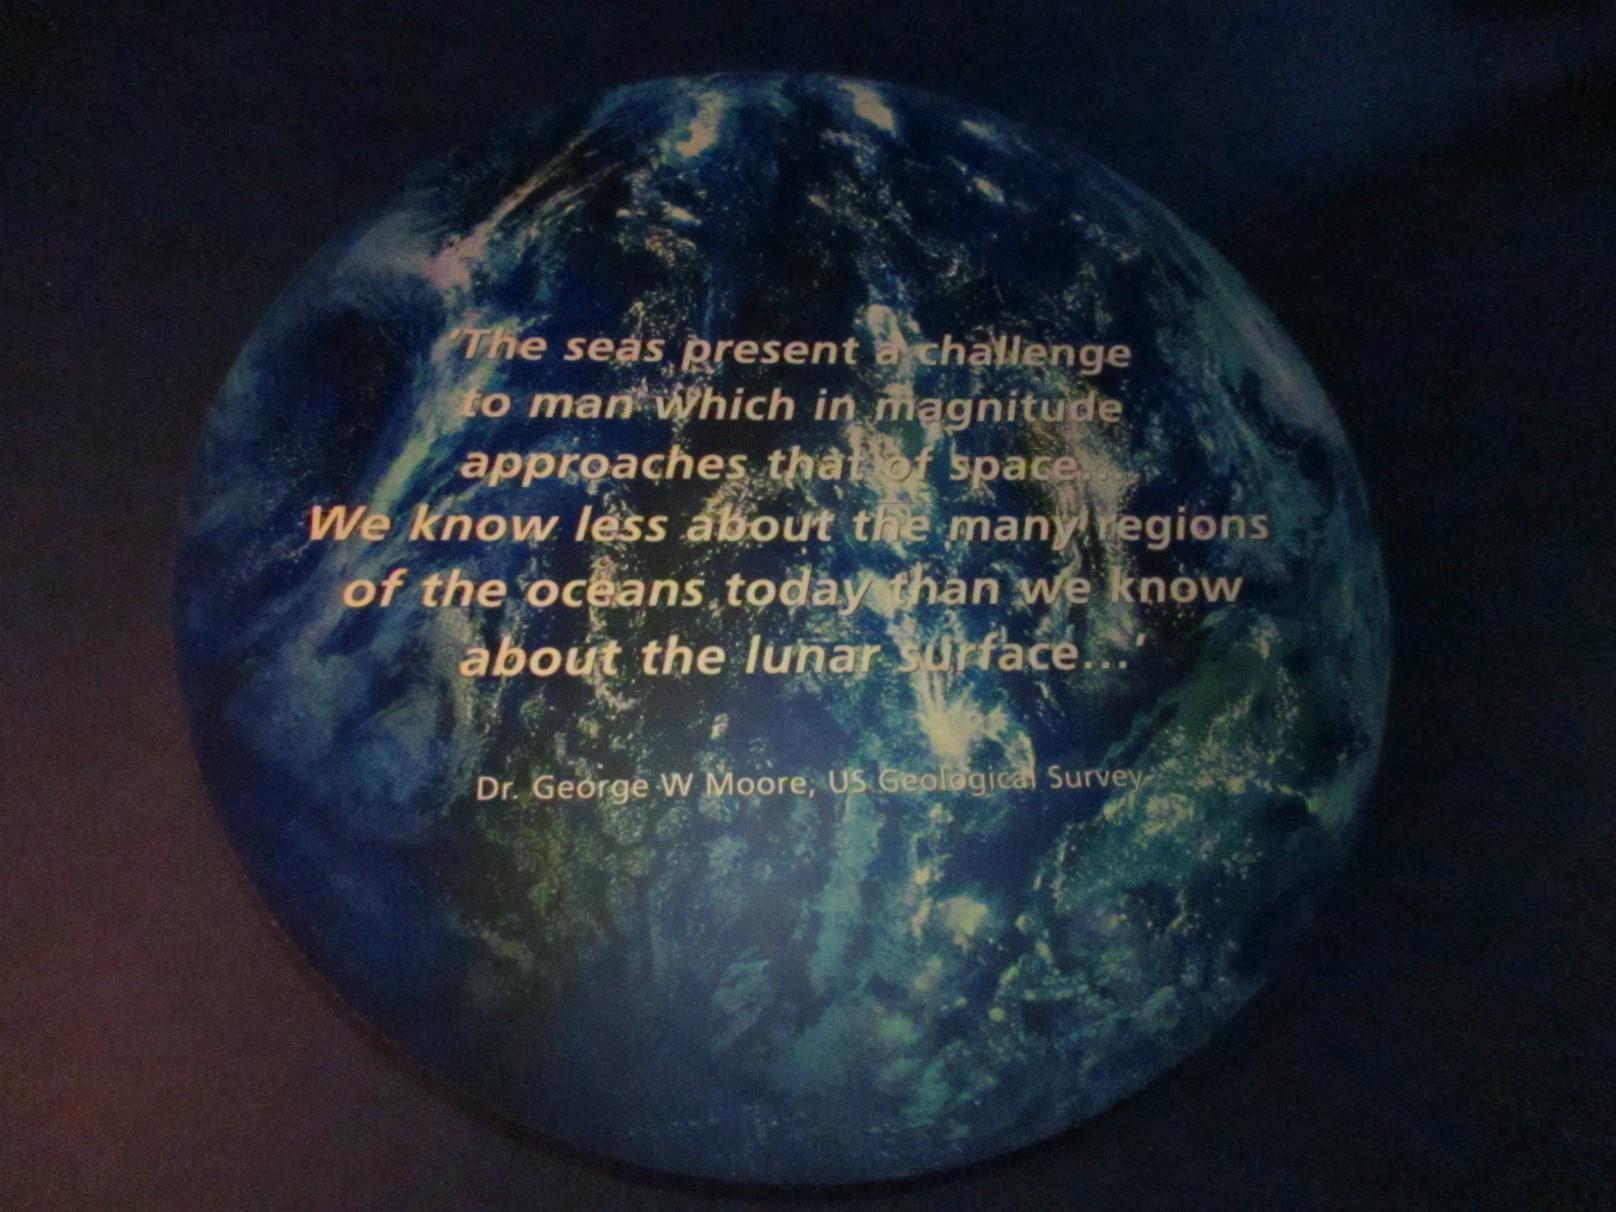 Ocean knowledge